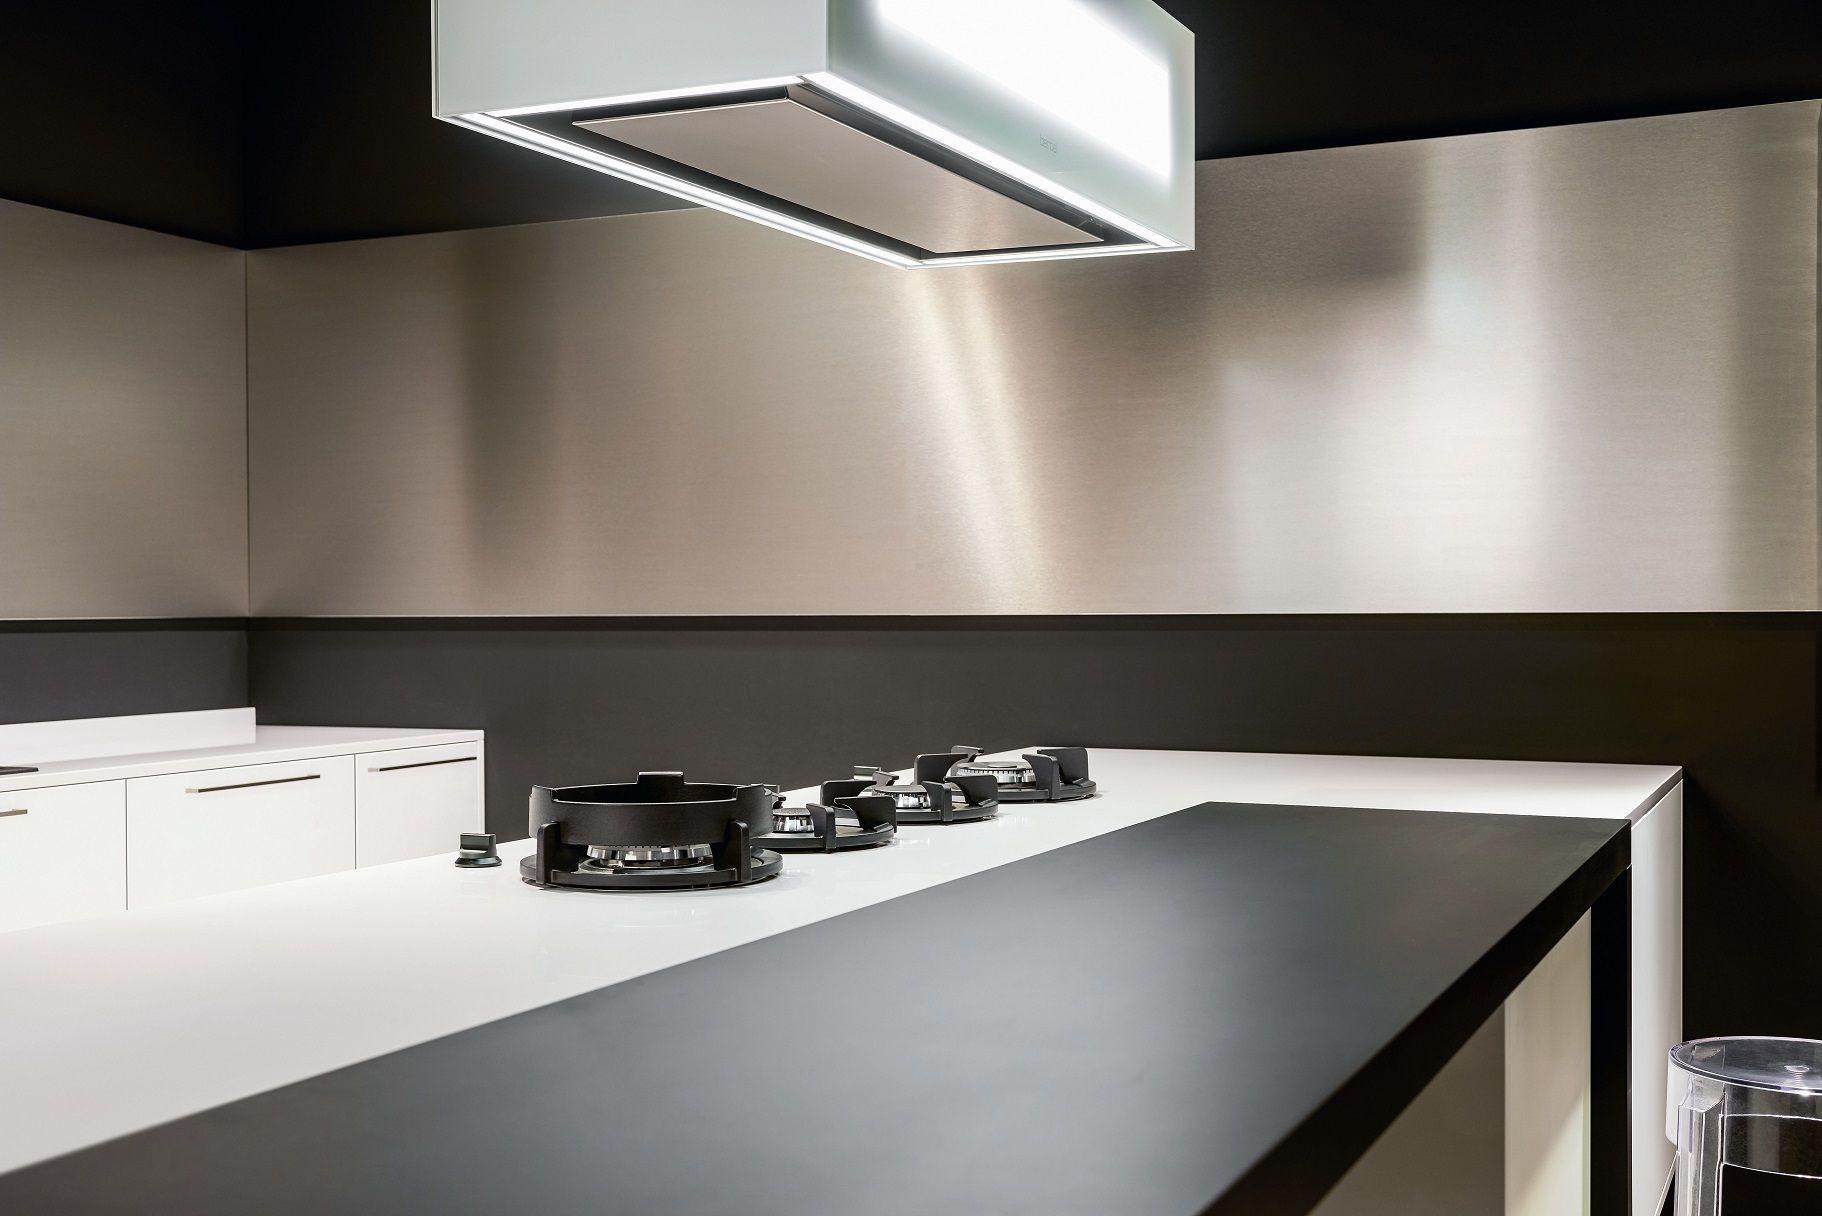 Uitvoering :  1) alpine wit (21-4059) Kunststof oppervlak, frontdikte 19mm, 4-zijdig kanten  2) softlak zwart (90-RAL) 4-zijdig kanten met soft-lakoppervlak, frontdikte 19mm   3) eik natuur horizontaal (21-3057) Kunststof oppervlak, frontdikte 19mm, 4-zijdig kanten